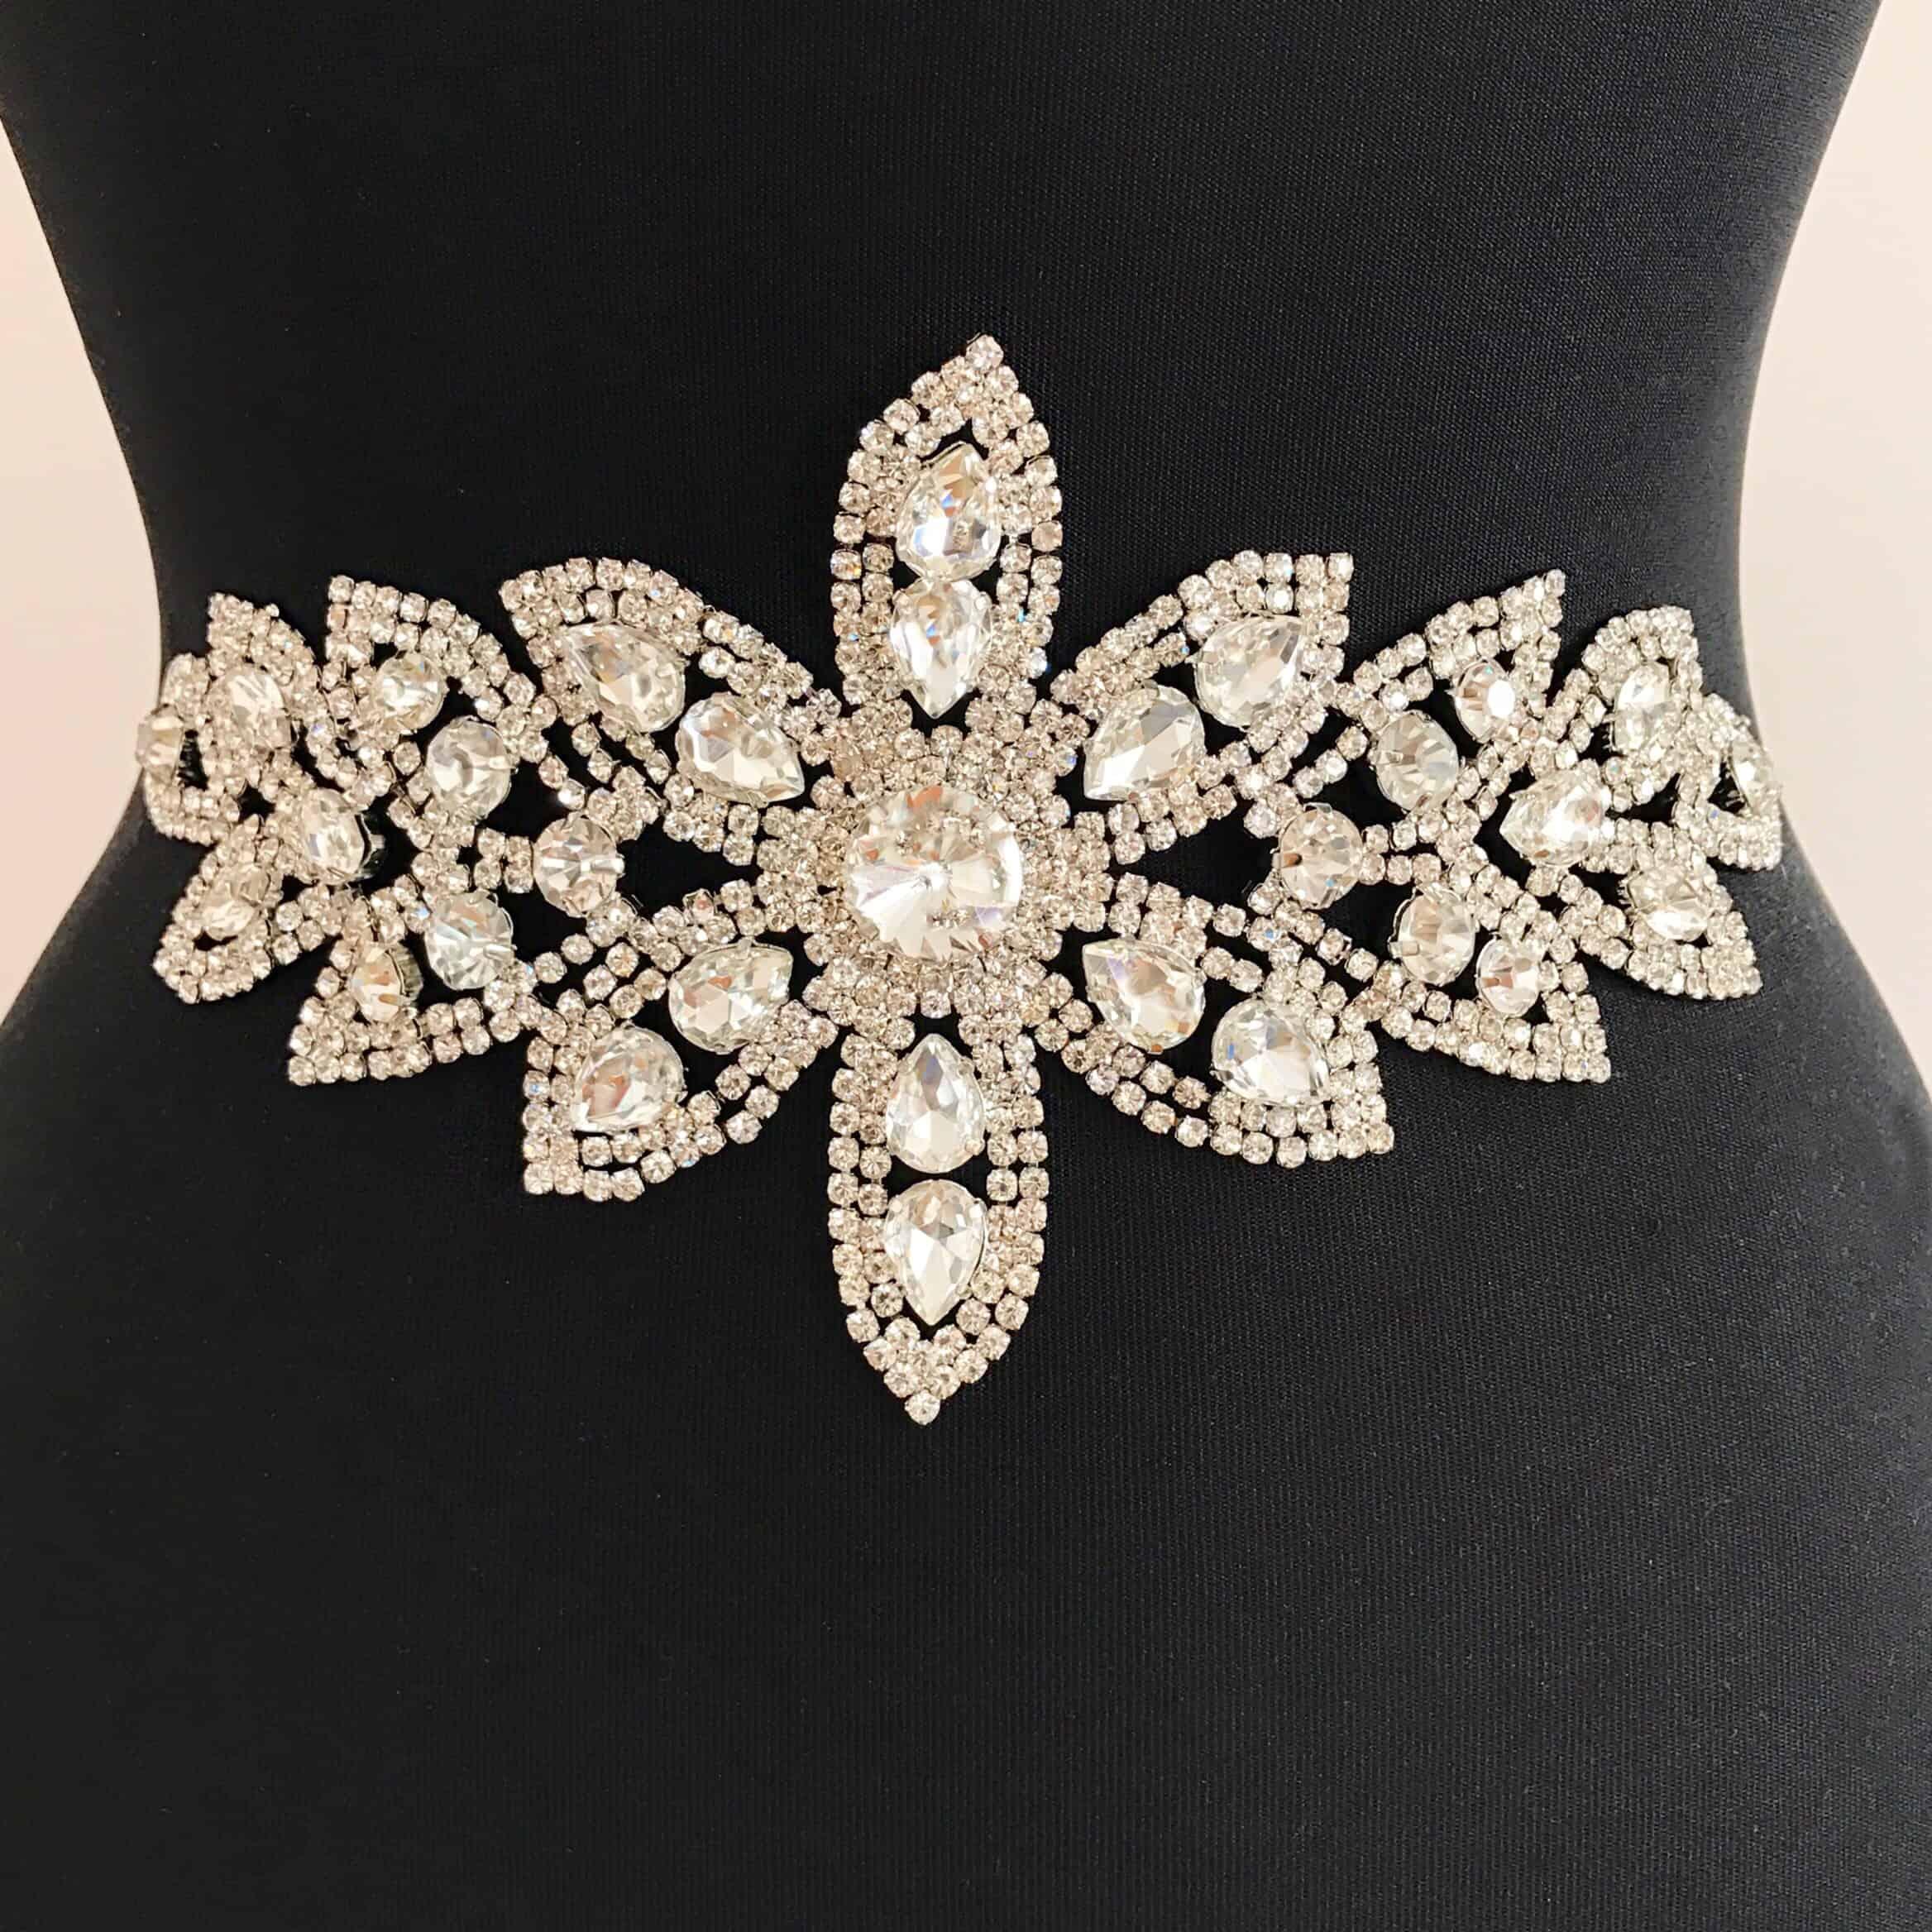 Lucia Rhinestone Ornament